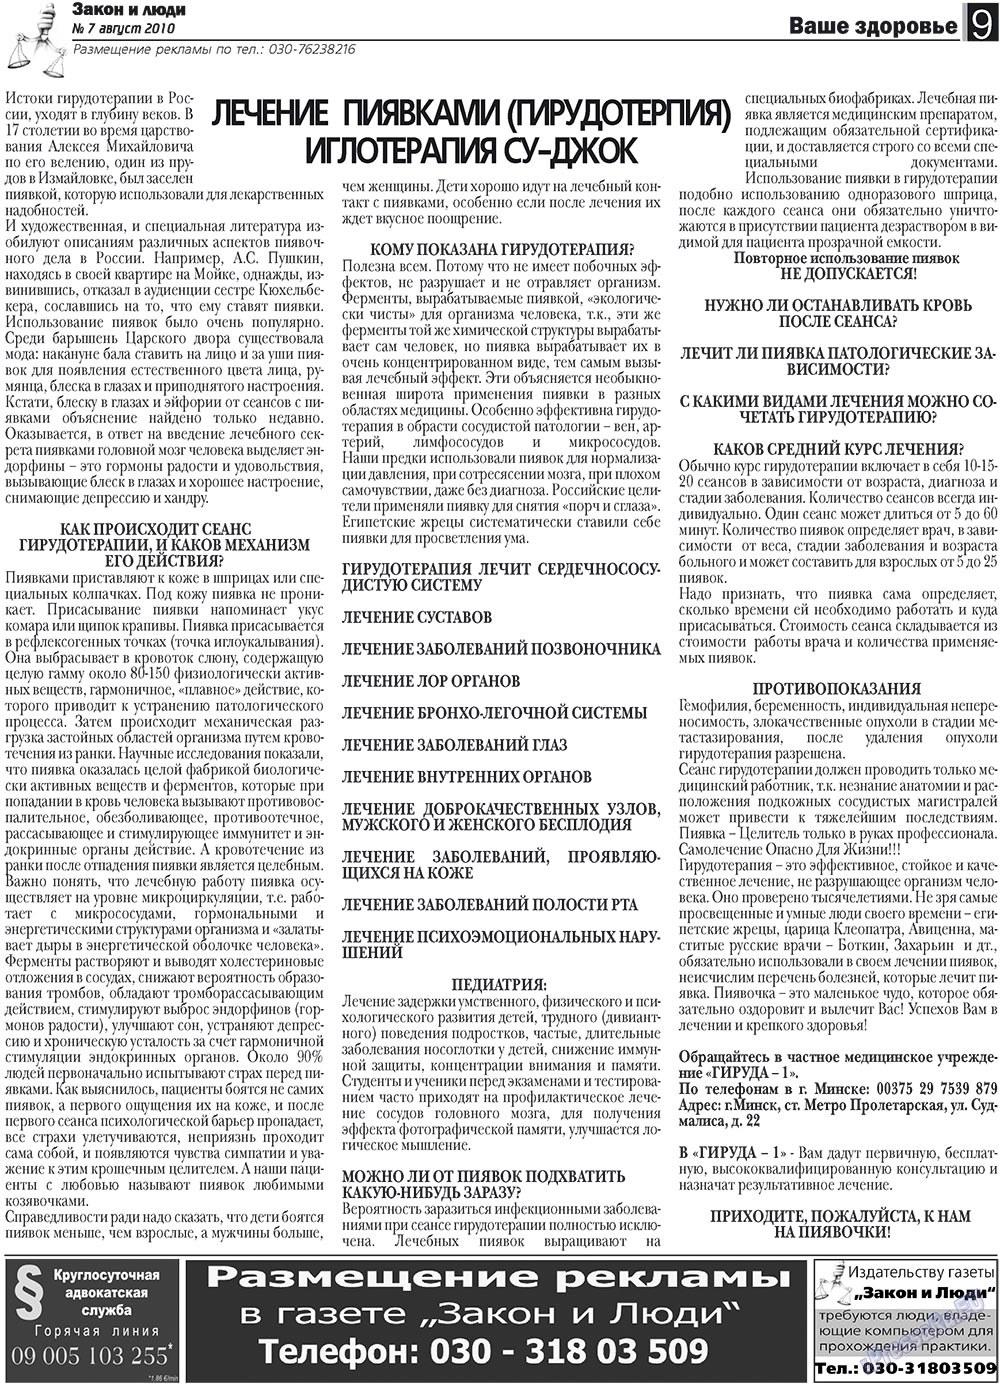 Закон и люди (газета). 2010 год, номер 7, стр. 9